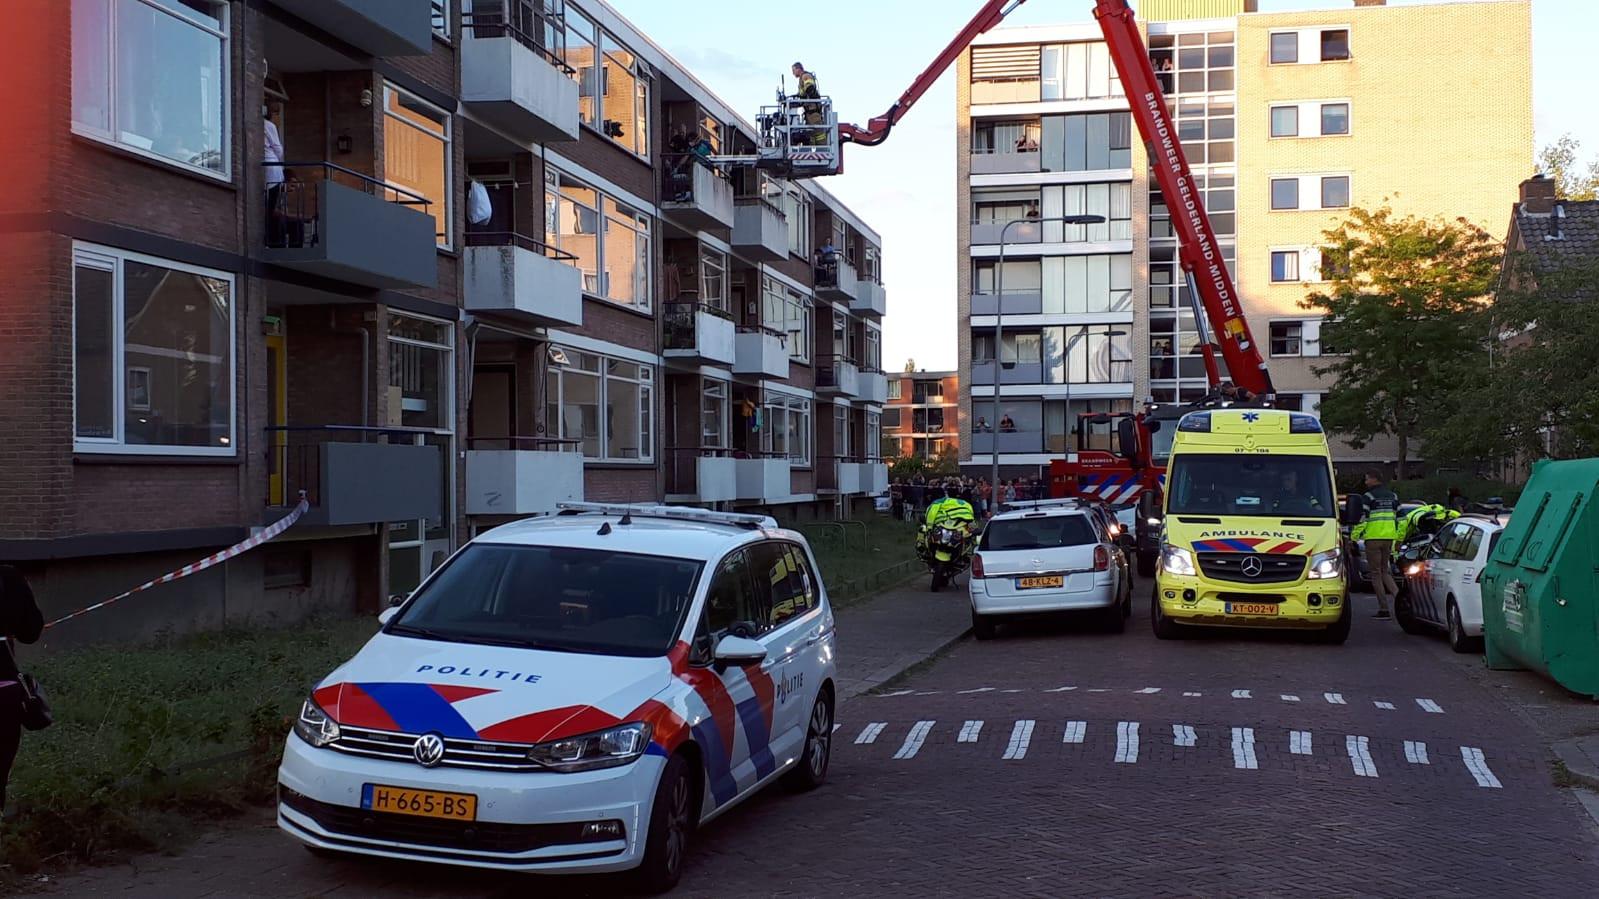 De hulpdiensten ter plaatse aan de Floriszstraat.